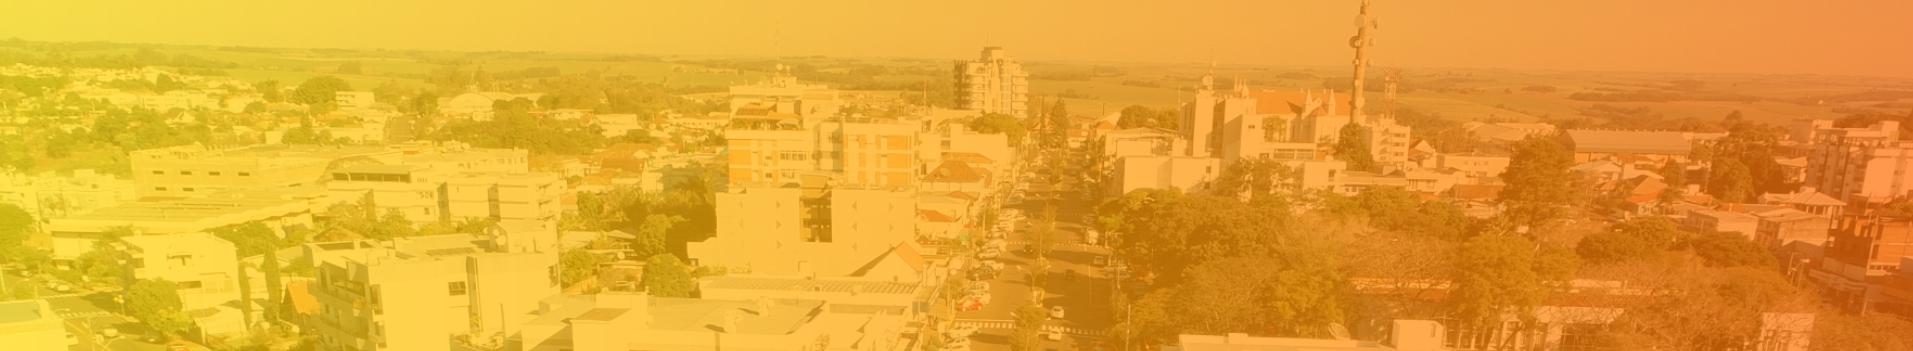 d04449cf9 Prefeitura Municipal de Três de Maio